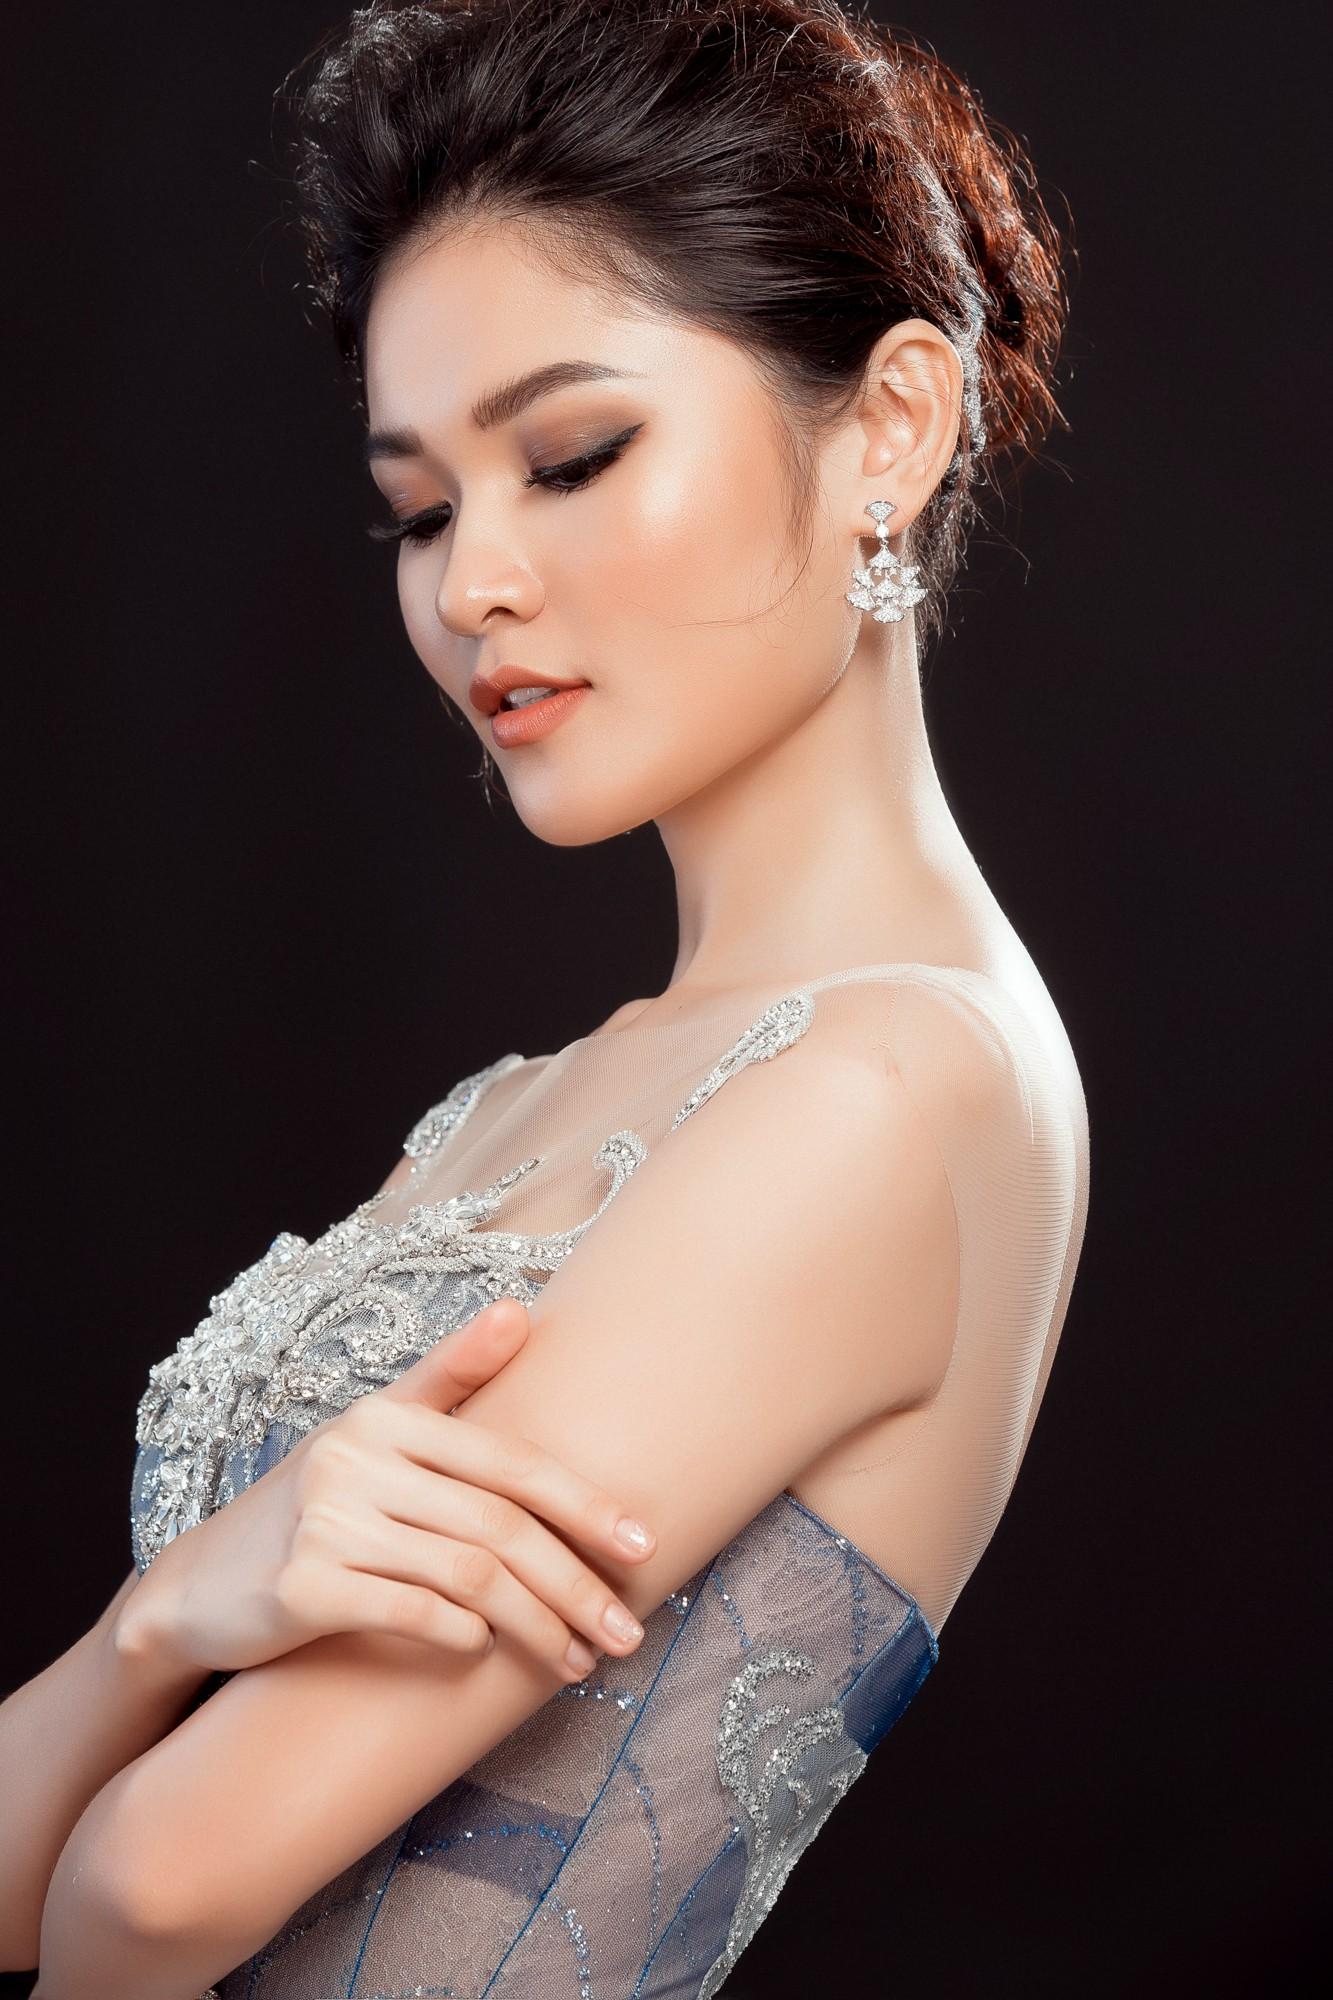 Á hậu Thùy Dung lộng lẫy như công chúa trong đầm dạ hội chính thức tại chung kết Miss International 2017 - Ảnh 5.